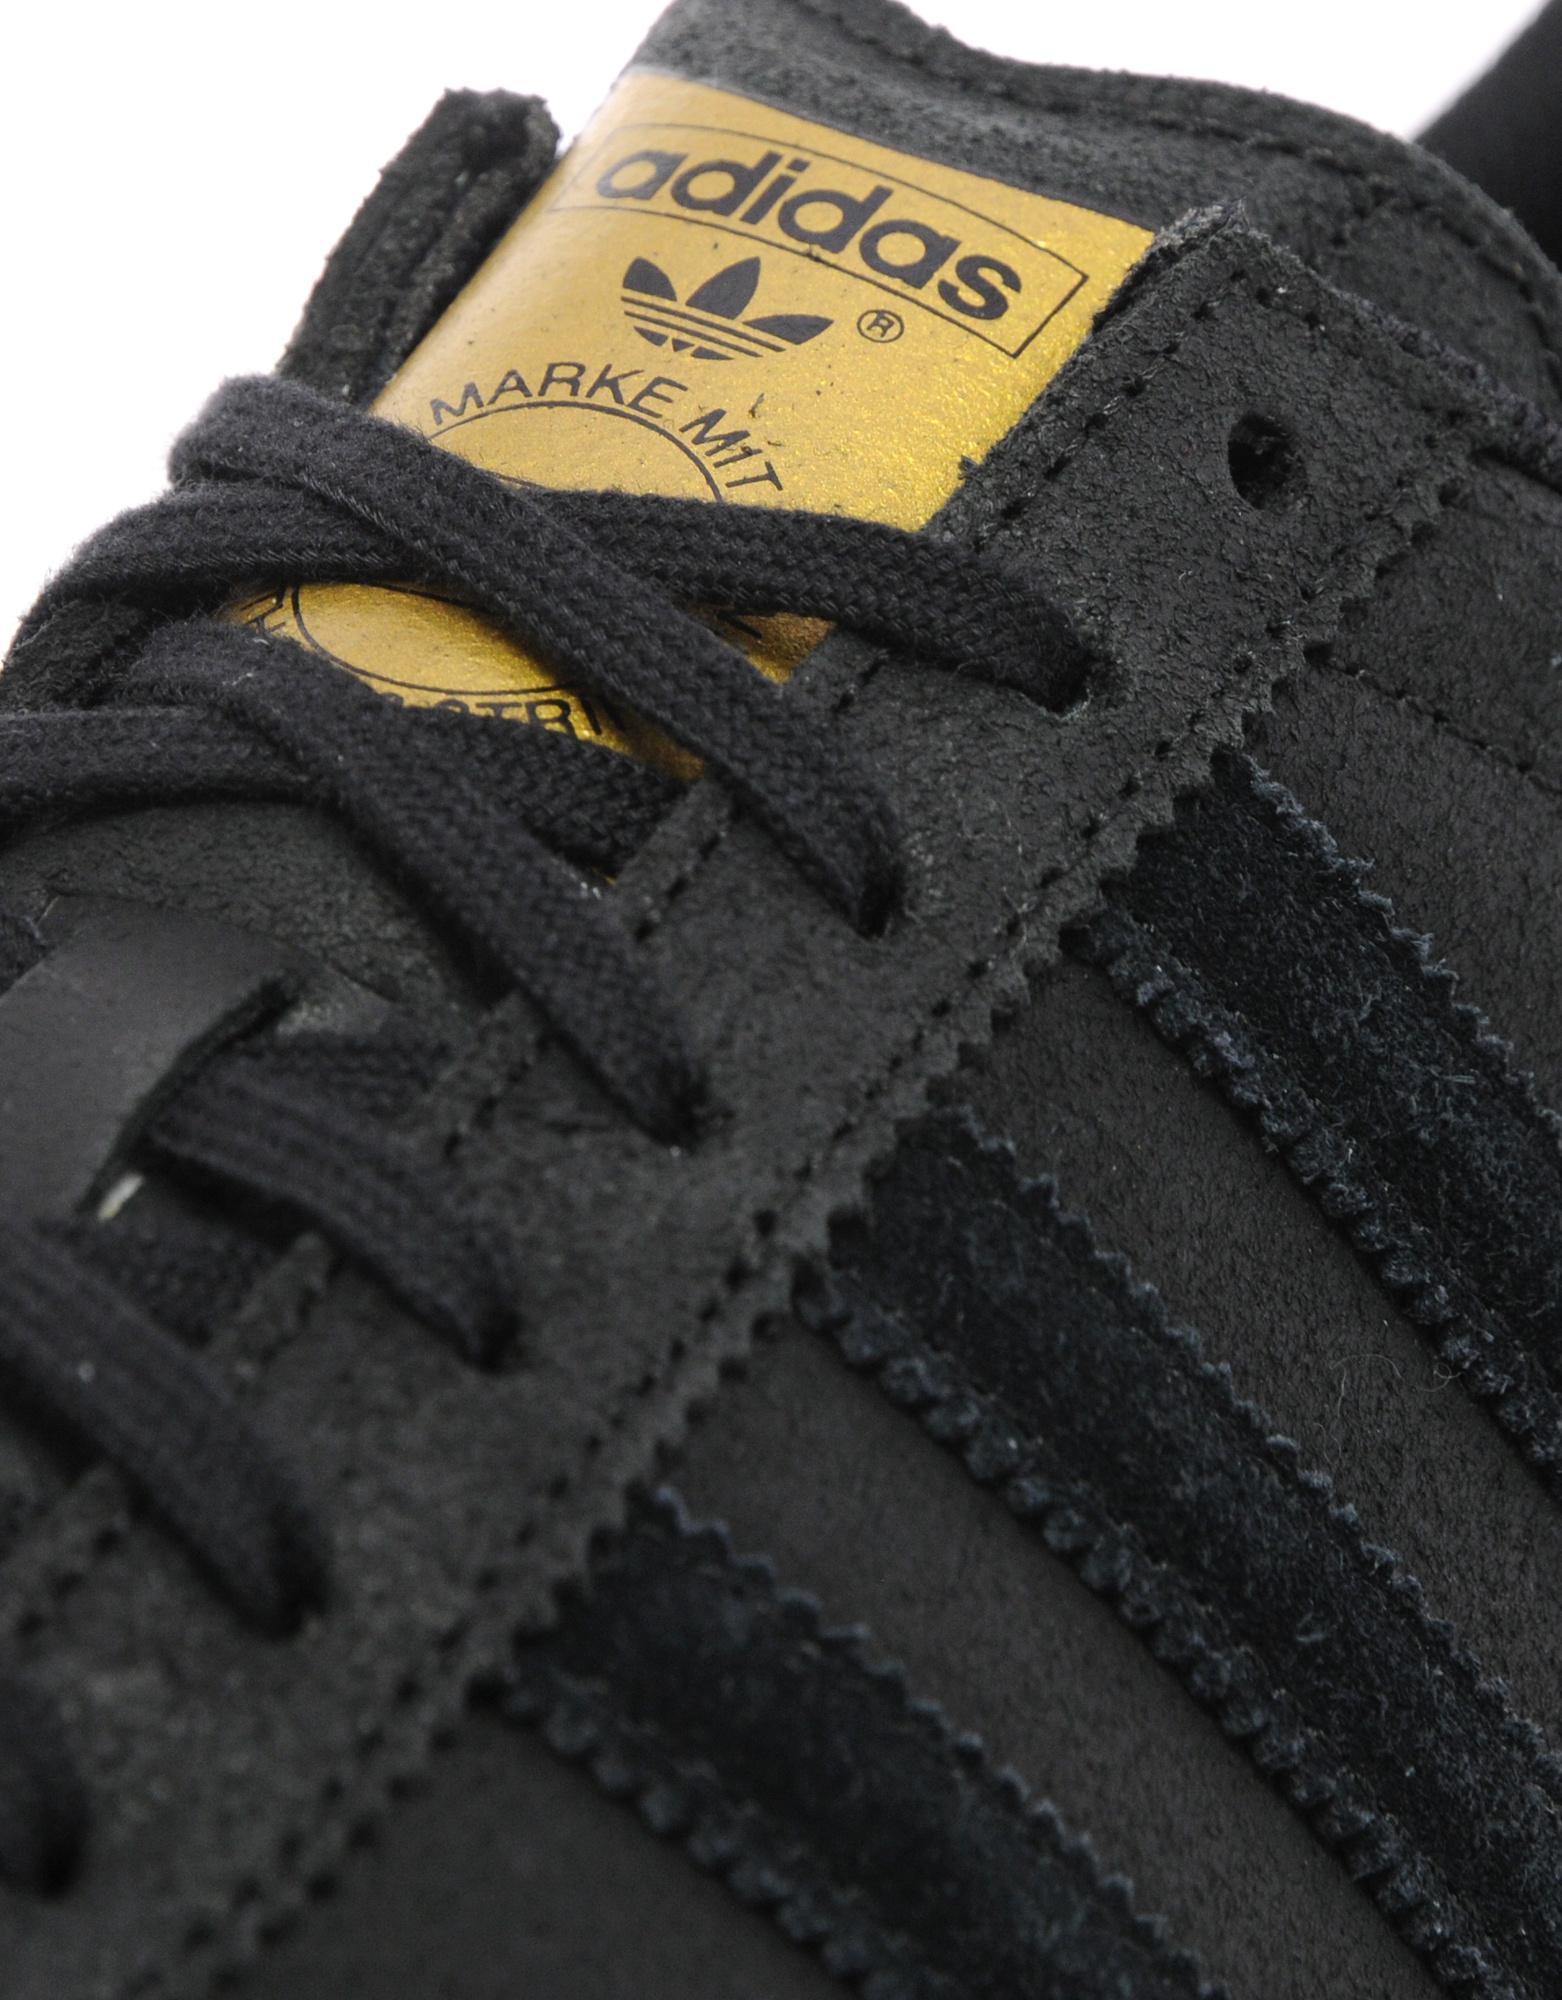 Adidas Gazelle Og Black Size 4